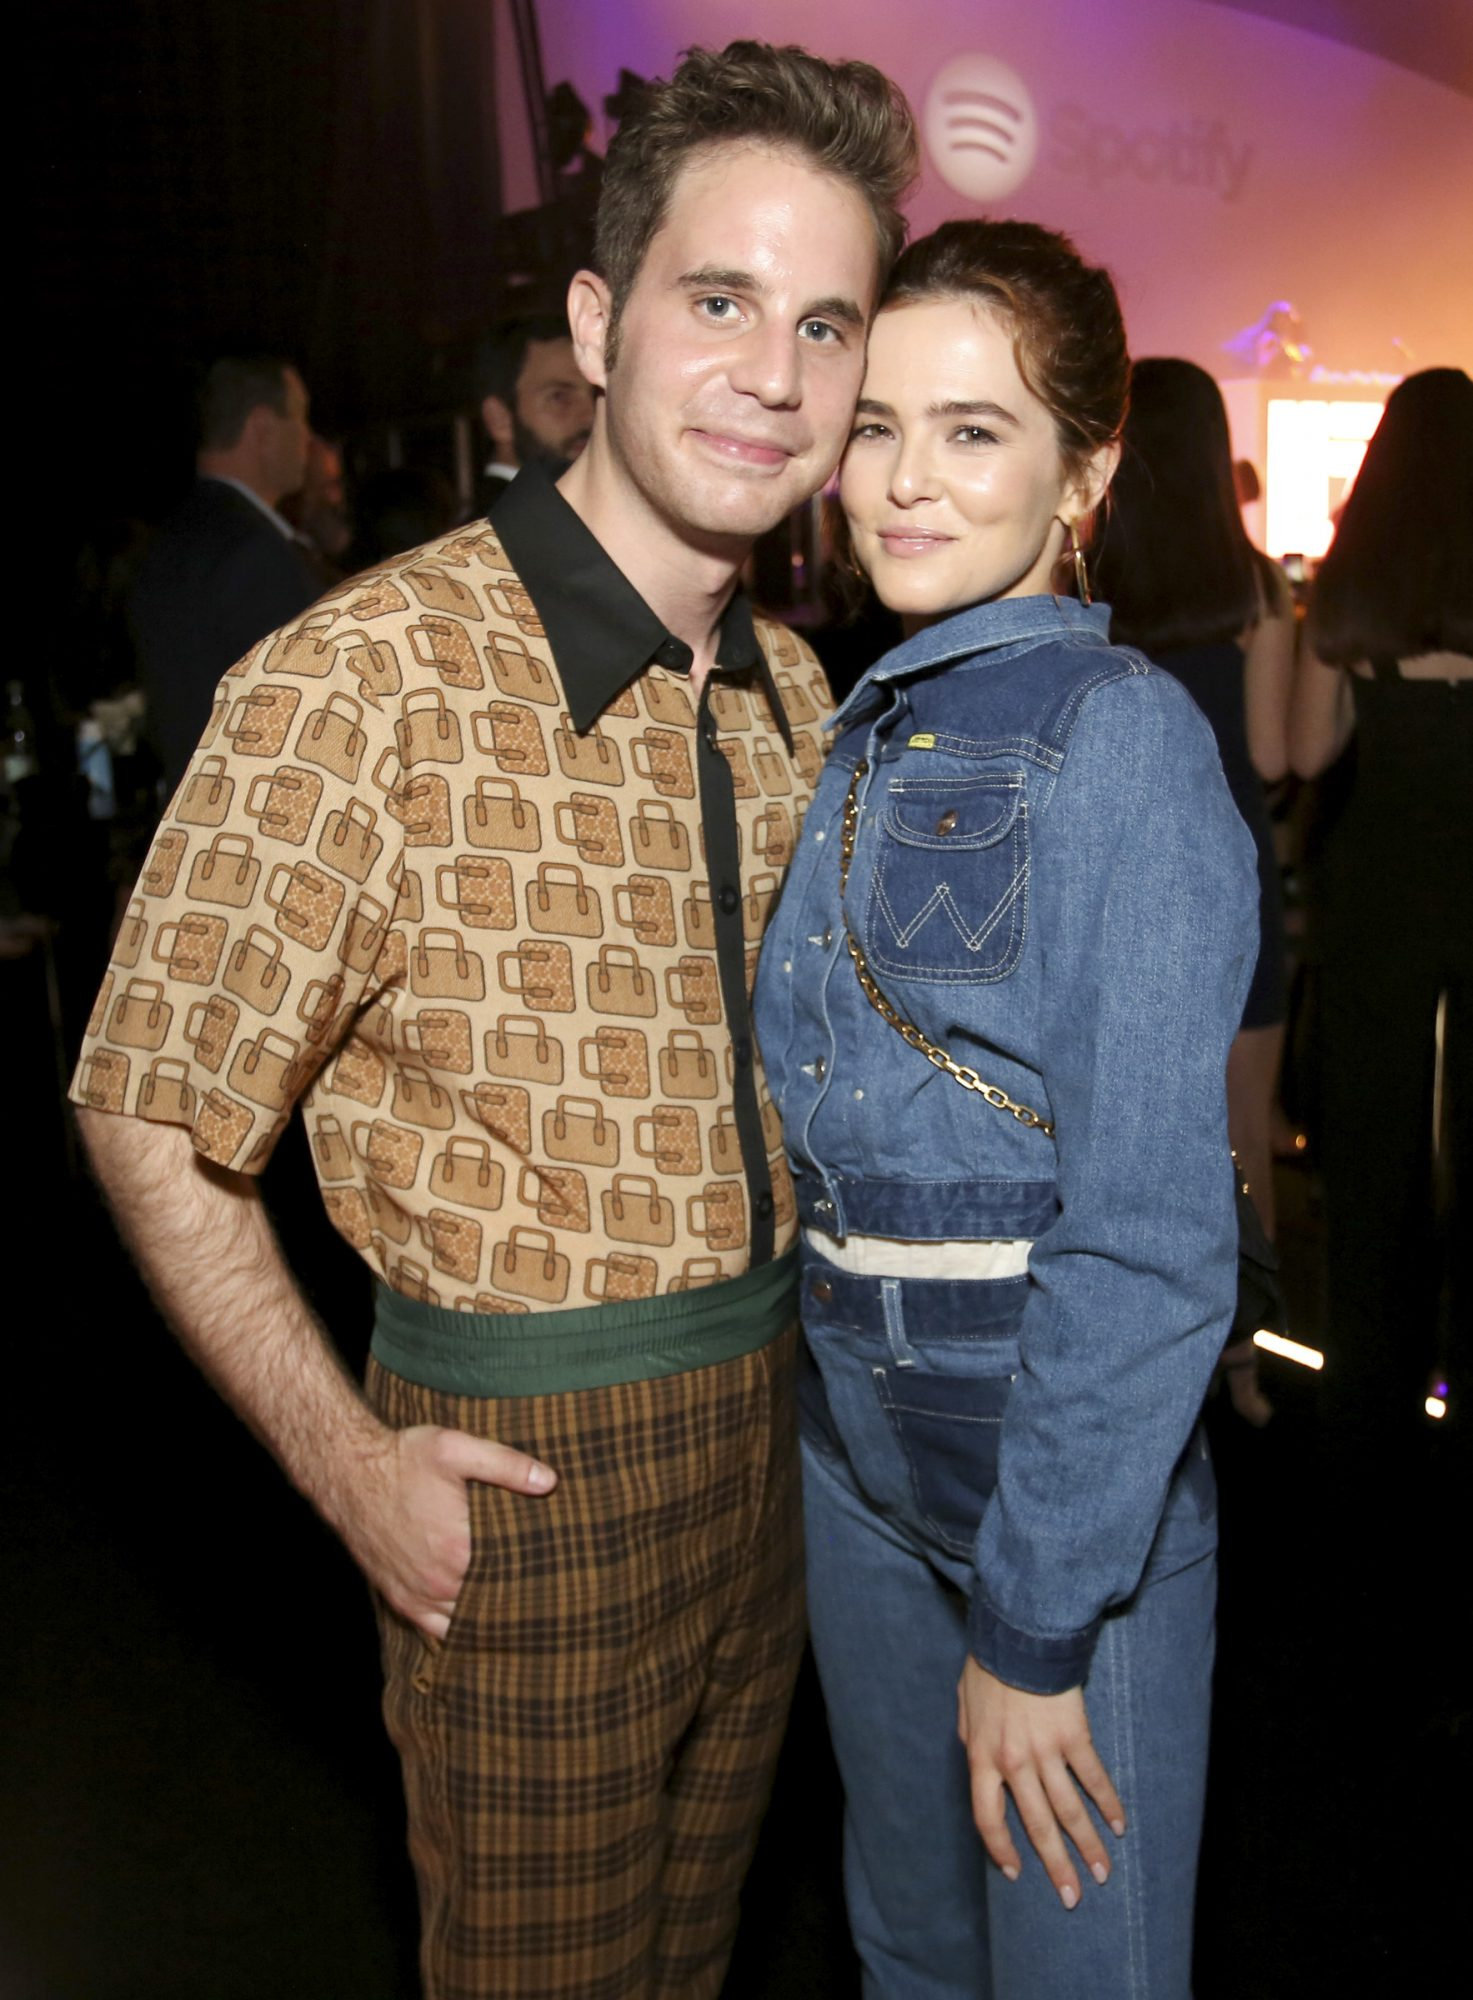 Ben Platt and Zoey Deutch